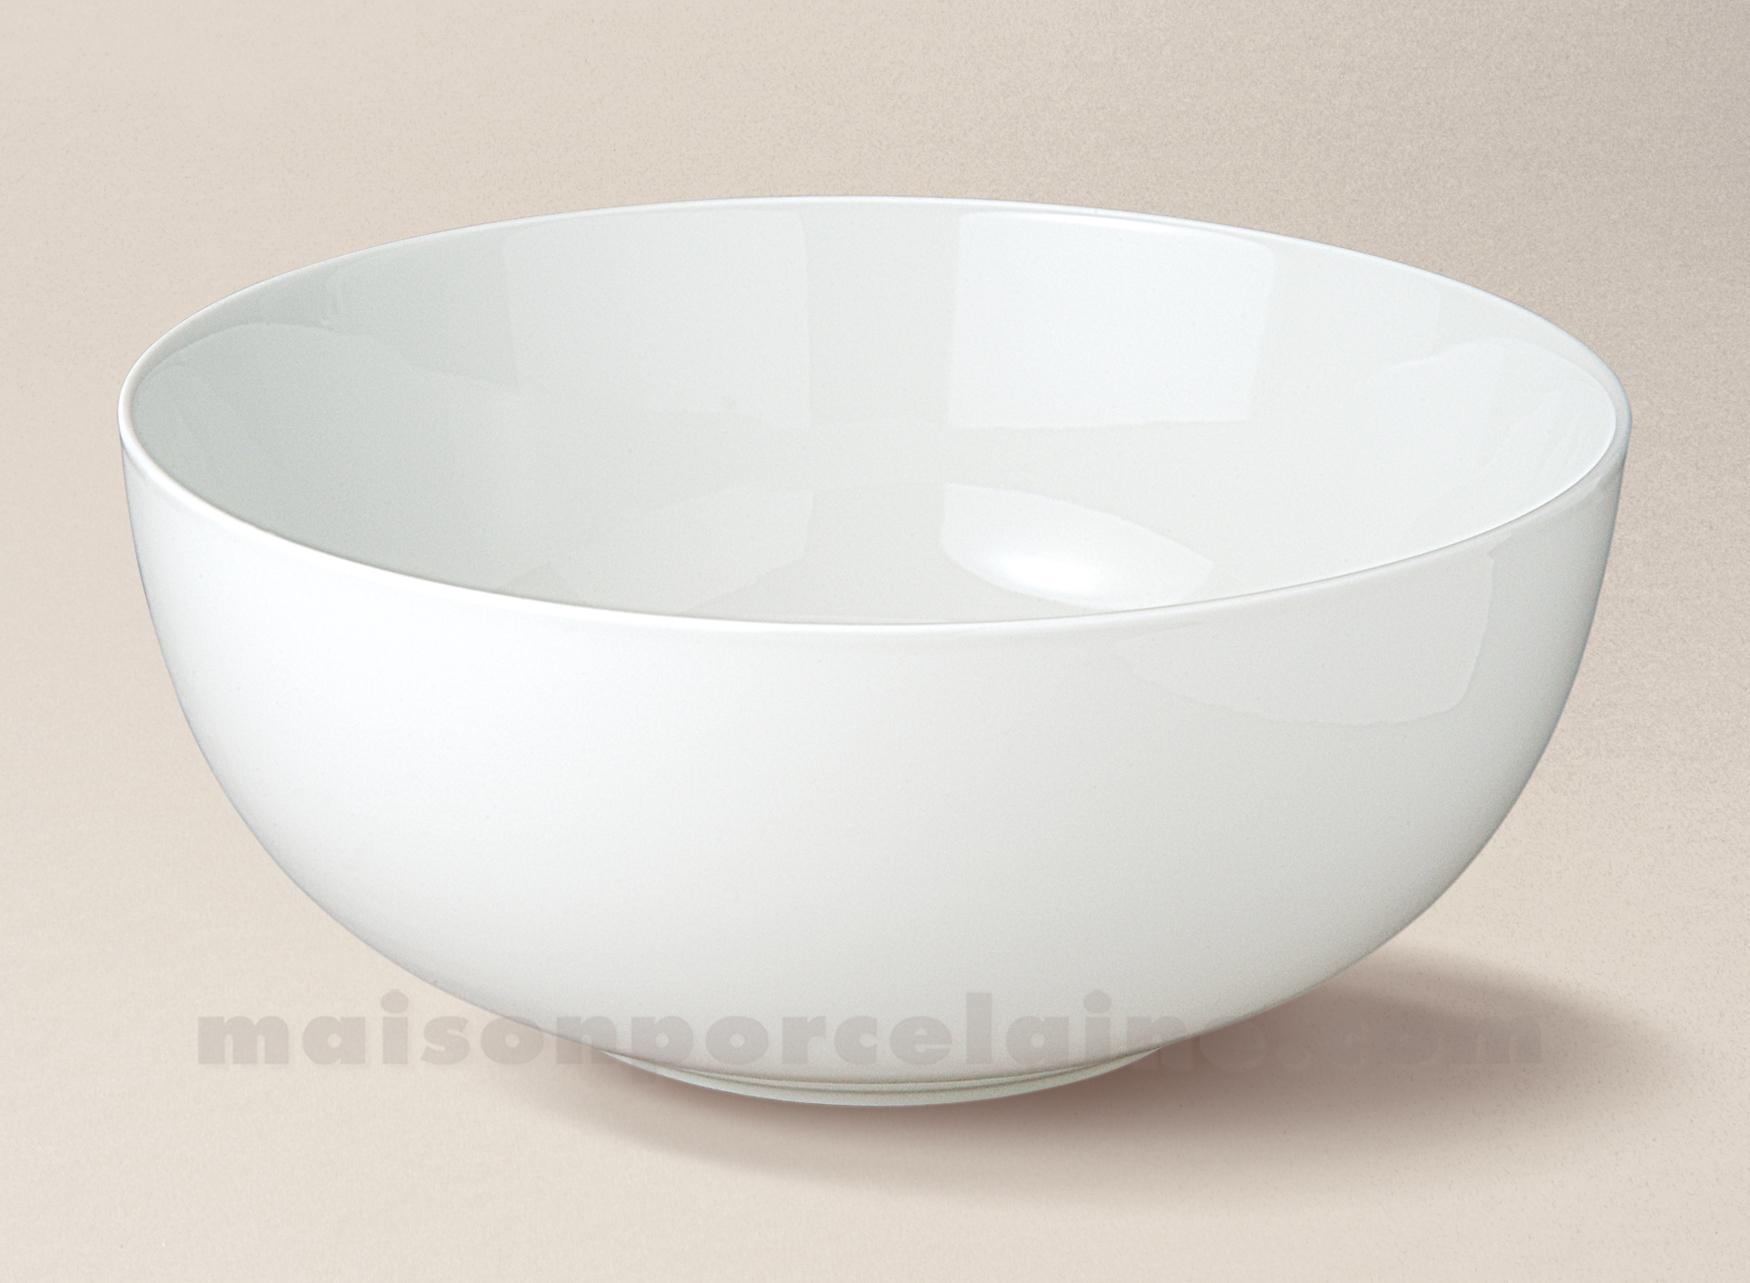 saladier porcelaine blanche boule flandre n 2 25x10 5 maison de la porcelaine. Black Bedroom Furniture Sets. Home Design Ideas